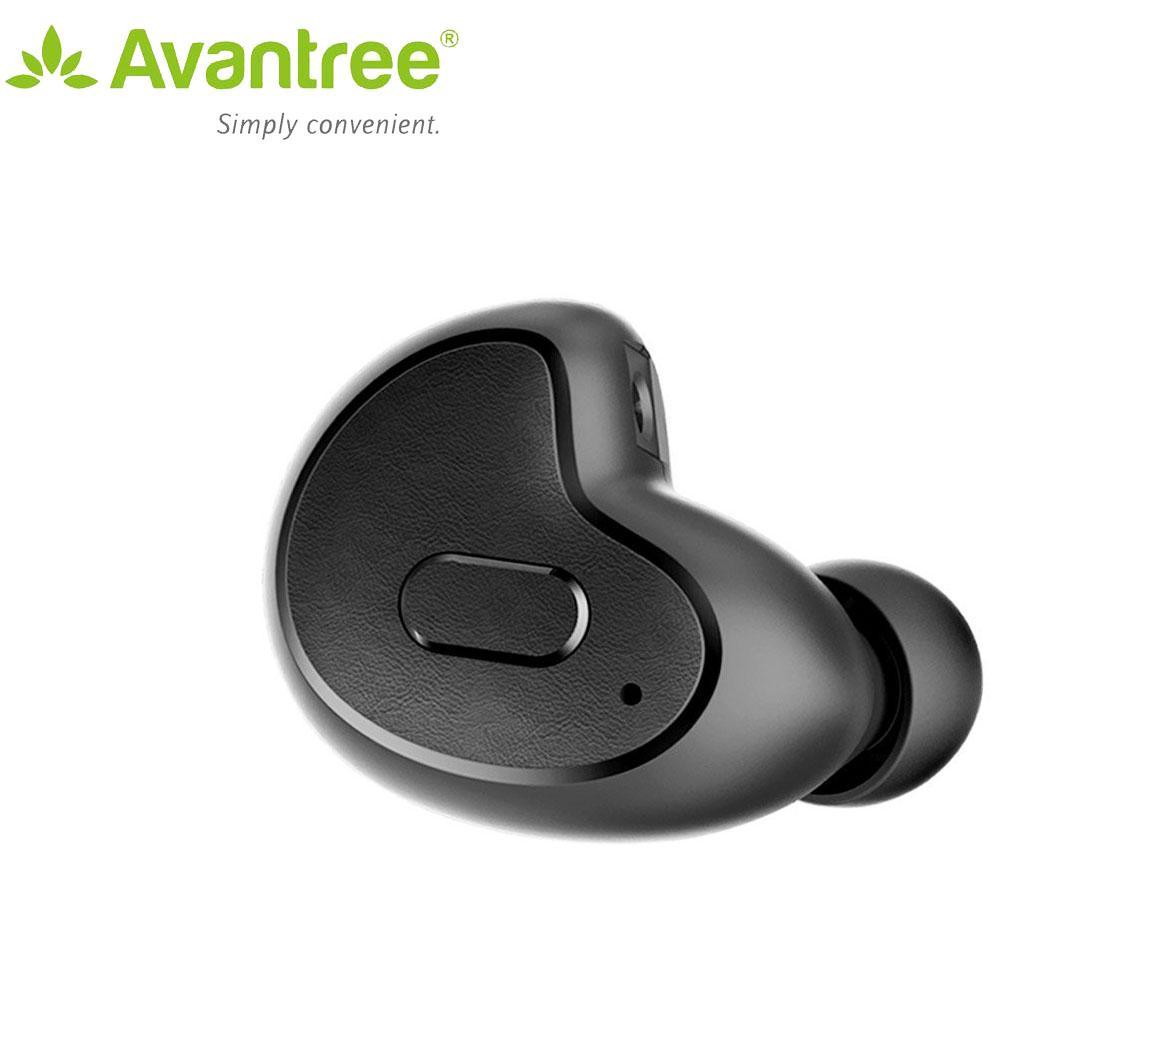 Chiết Khấu Tai Nghe Khong Day Bluetooth 4 1 Nhỏ Gọn Avantree Apico Bths Ah8M A1859 Mau Đen Hà Nội